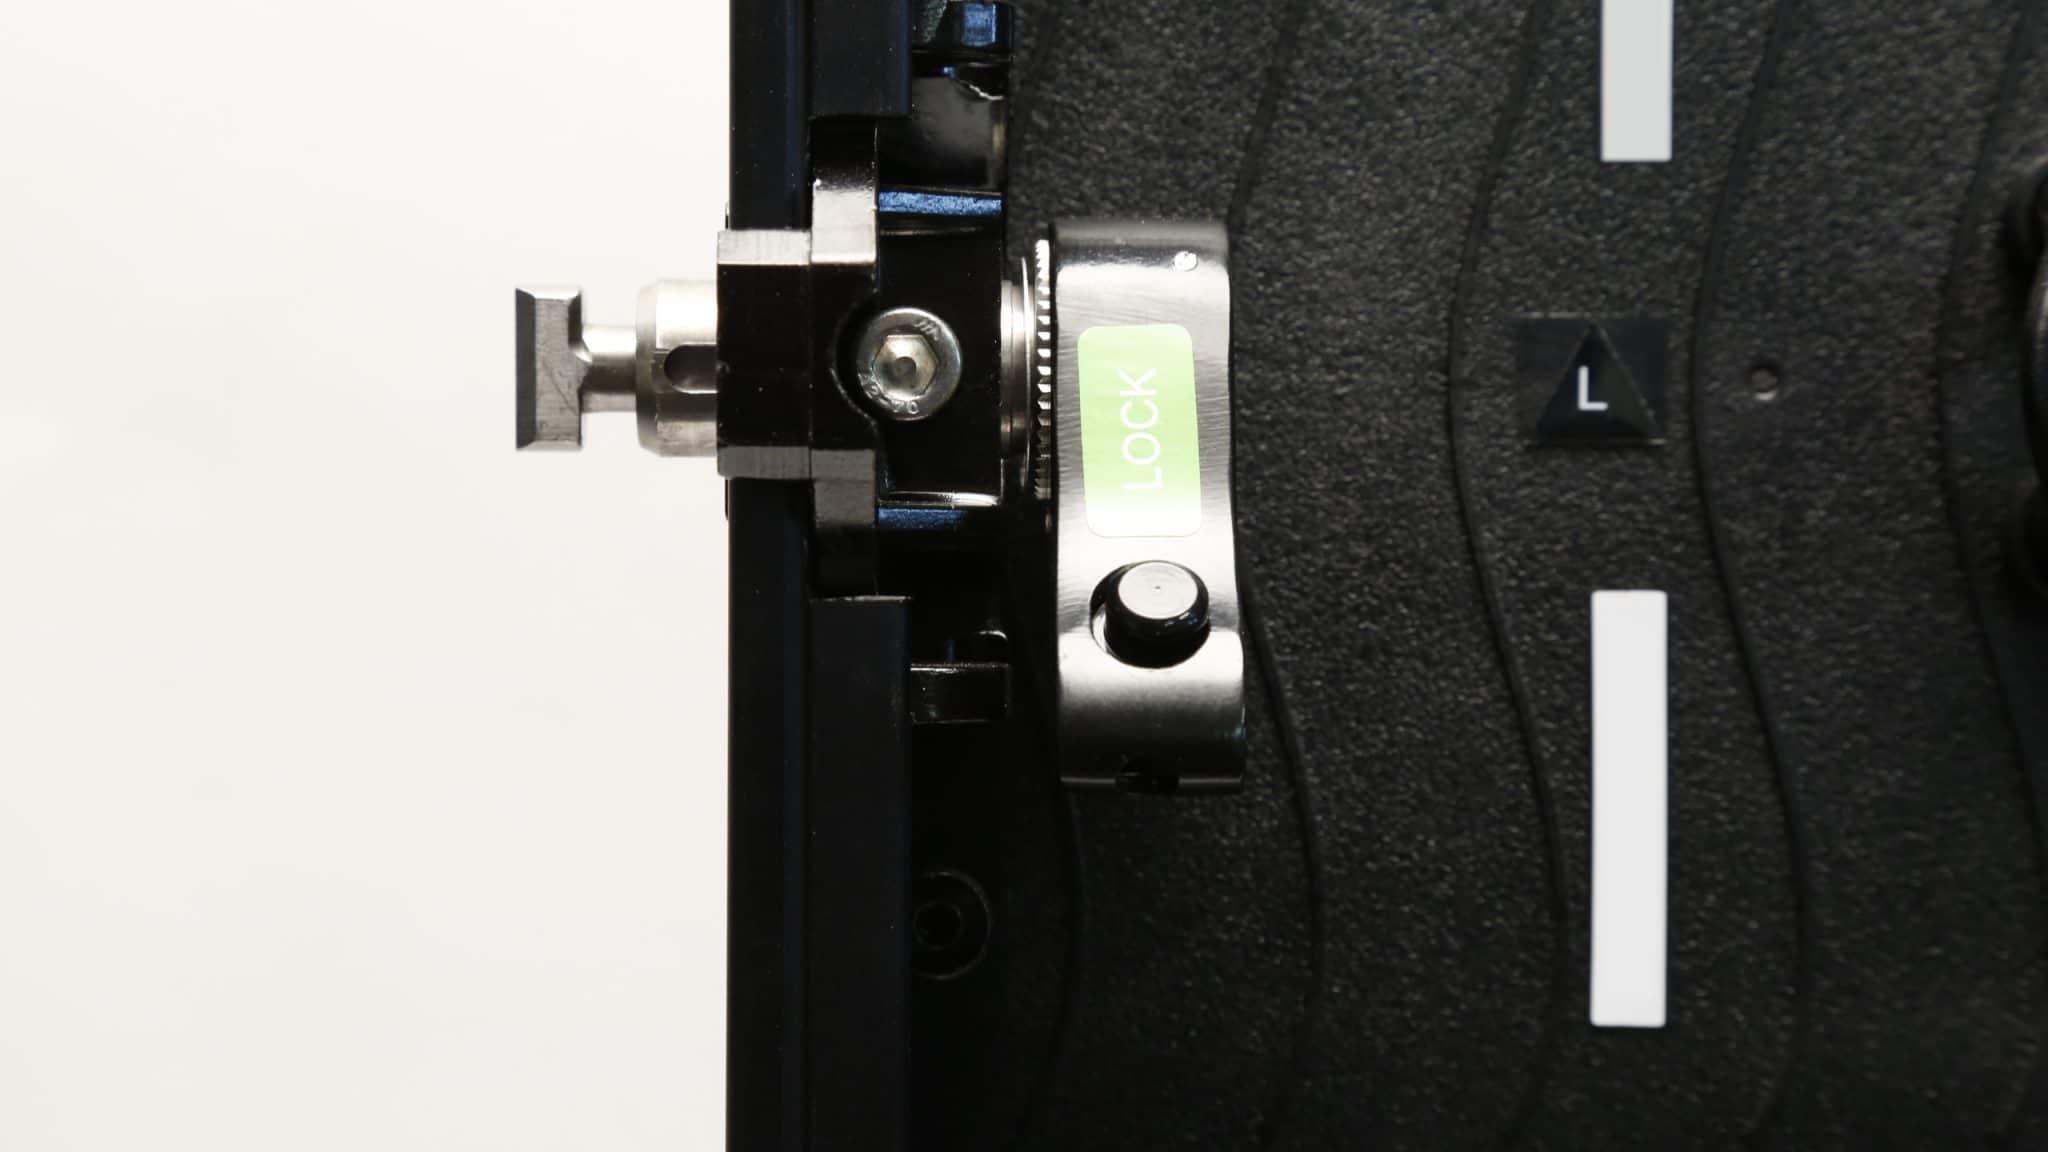 LEDitgo sB6 Lock